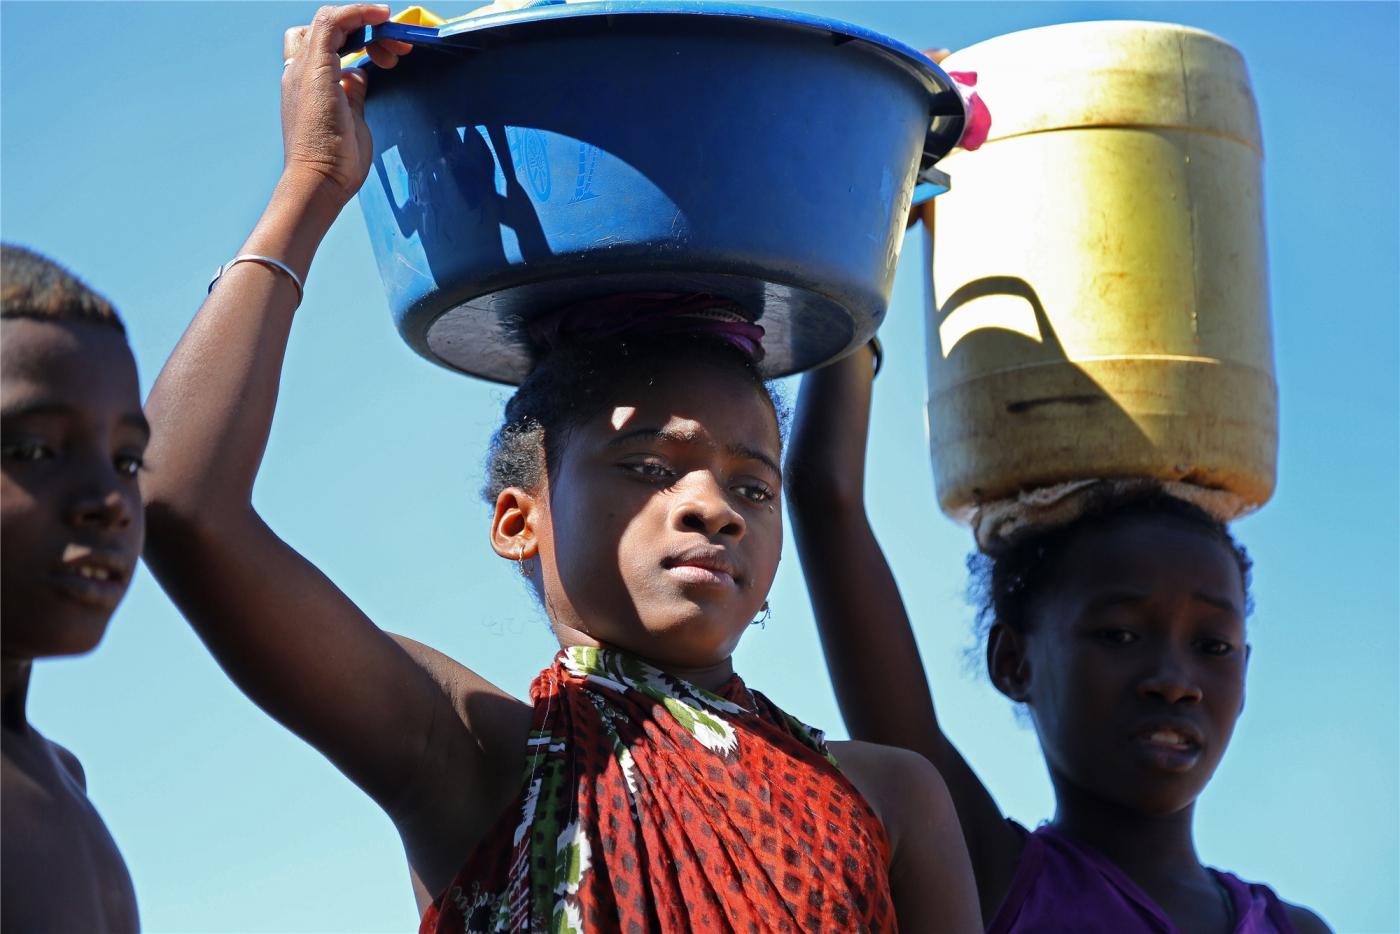 【原创实拍】黑色脸谱  ——行摄南部非洲(人像篇)_图1-11